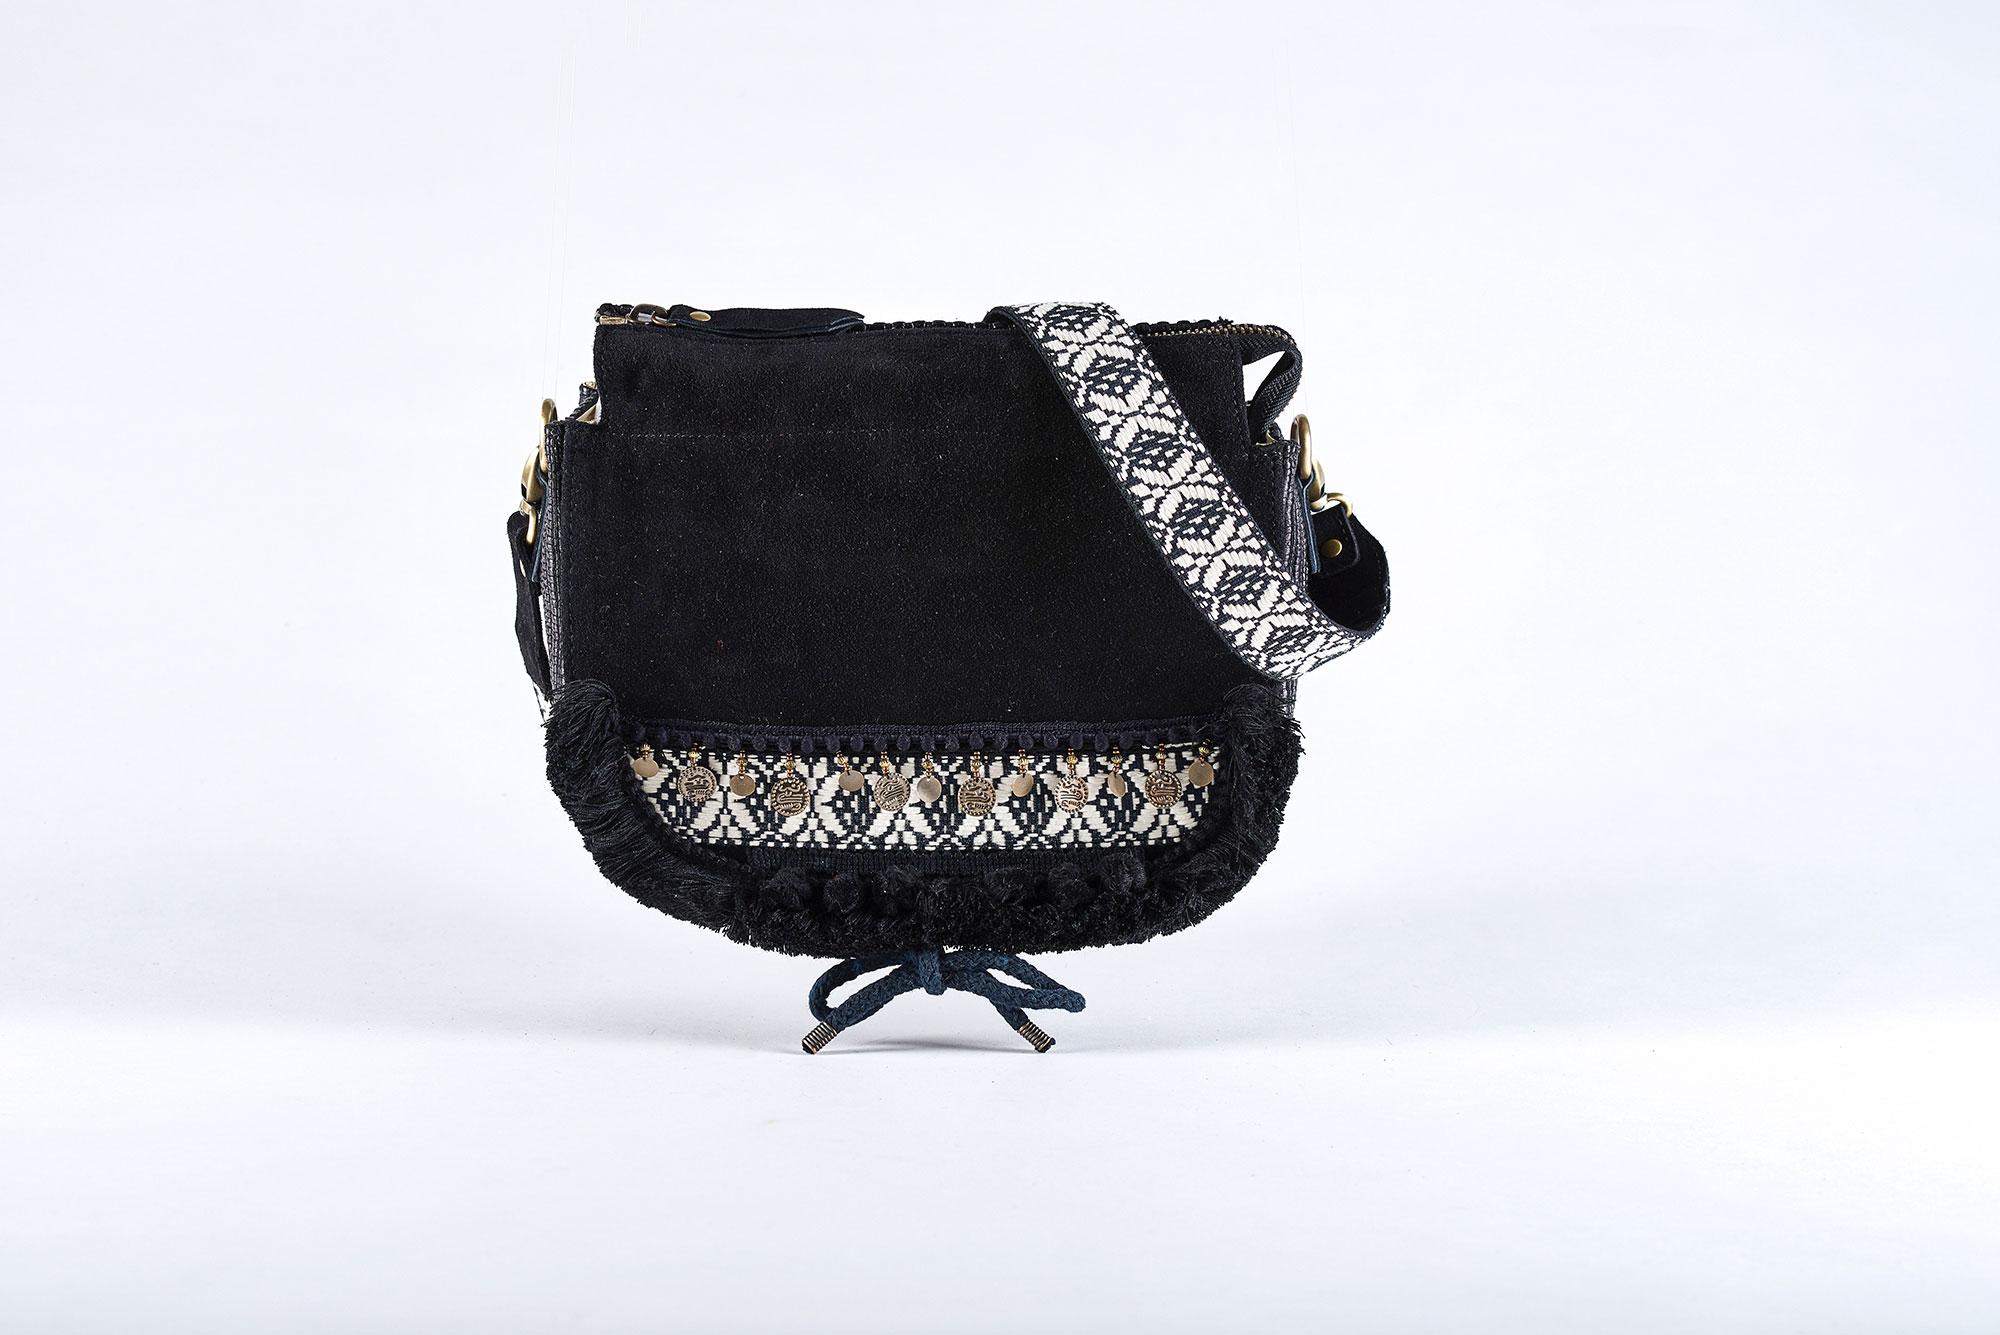 Kim-Safari-K02-viamailbag